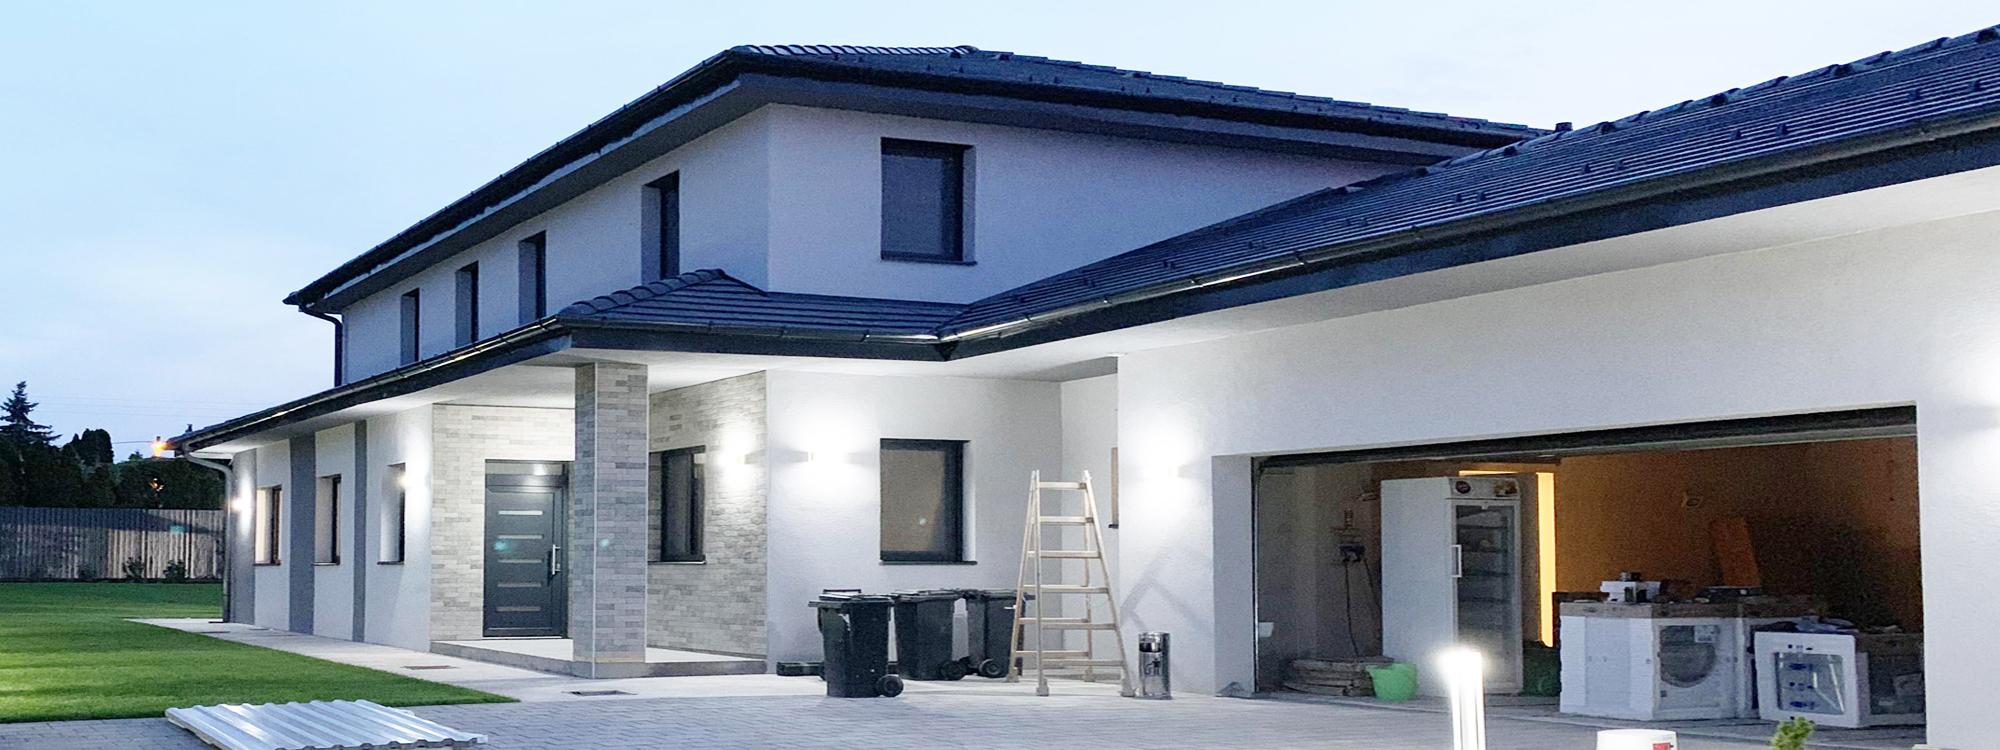 Pécelen újépítésű ikerház nagy kerttel eladó